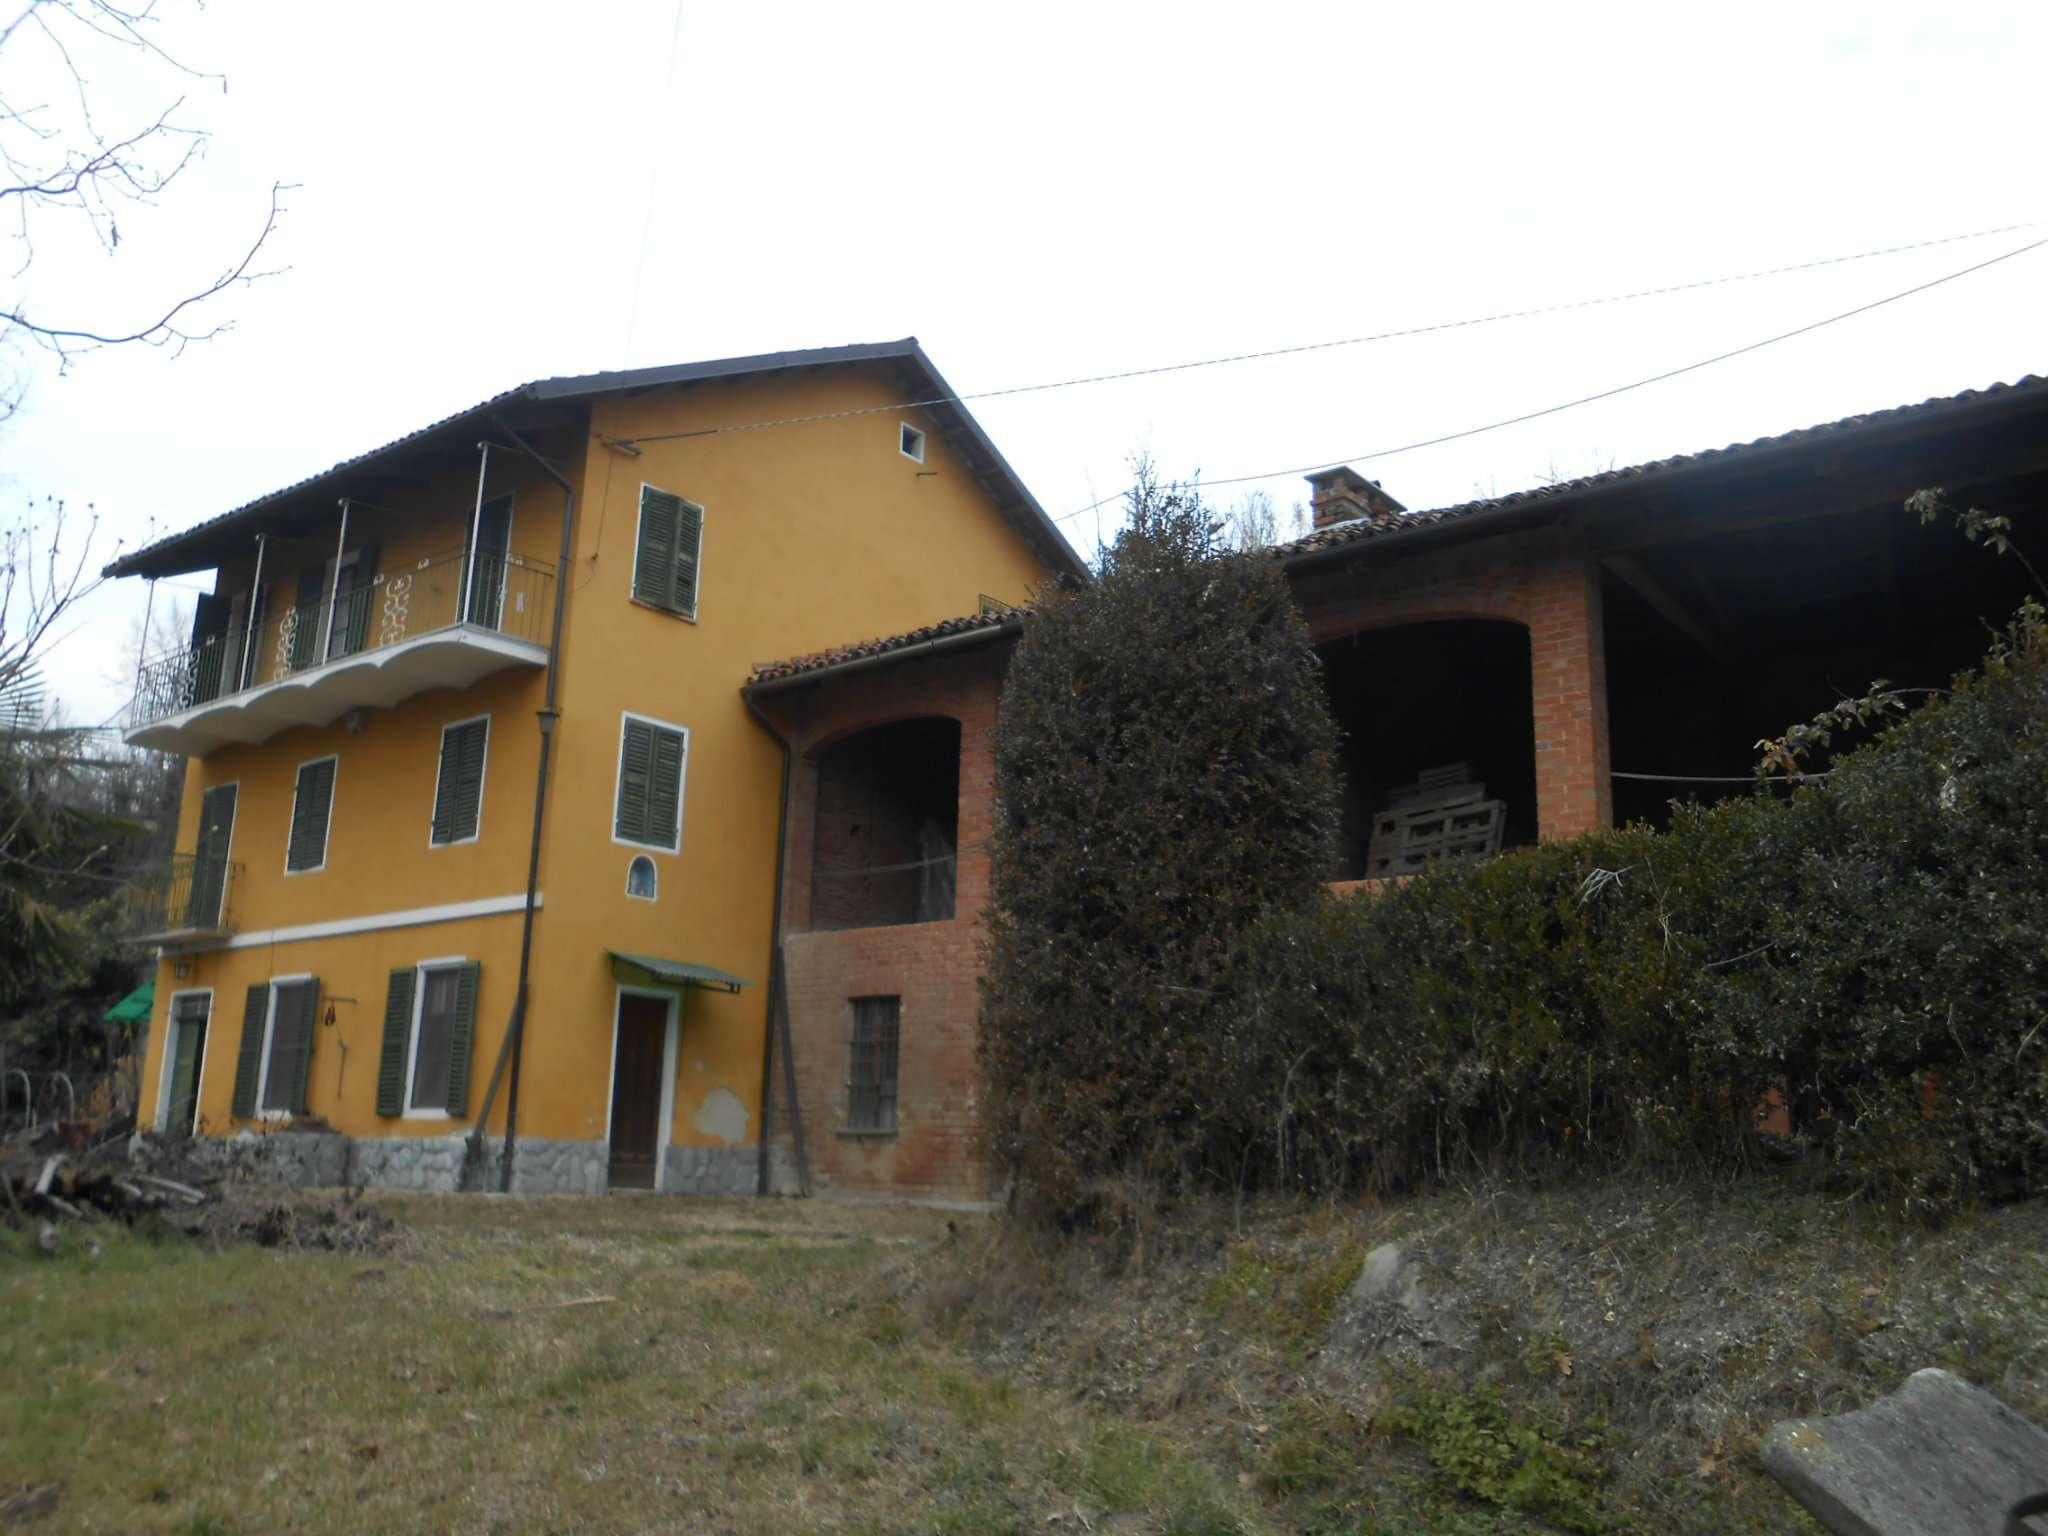 Rustico / Casale in vendita a Cortazzone, 14 locali, prezzo € 118.000 | Cambio Casa.it